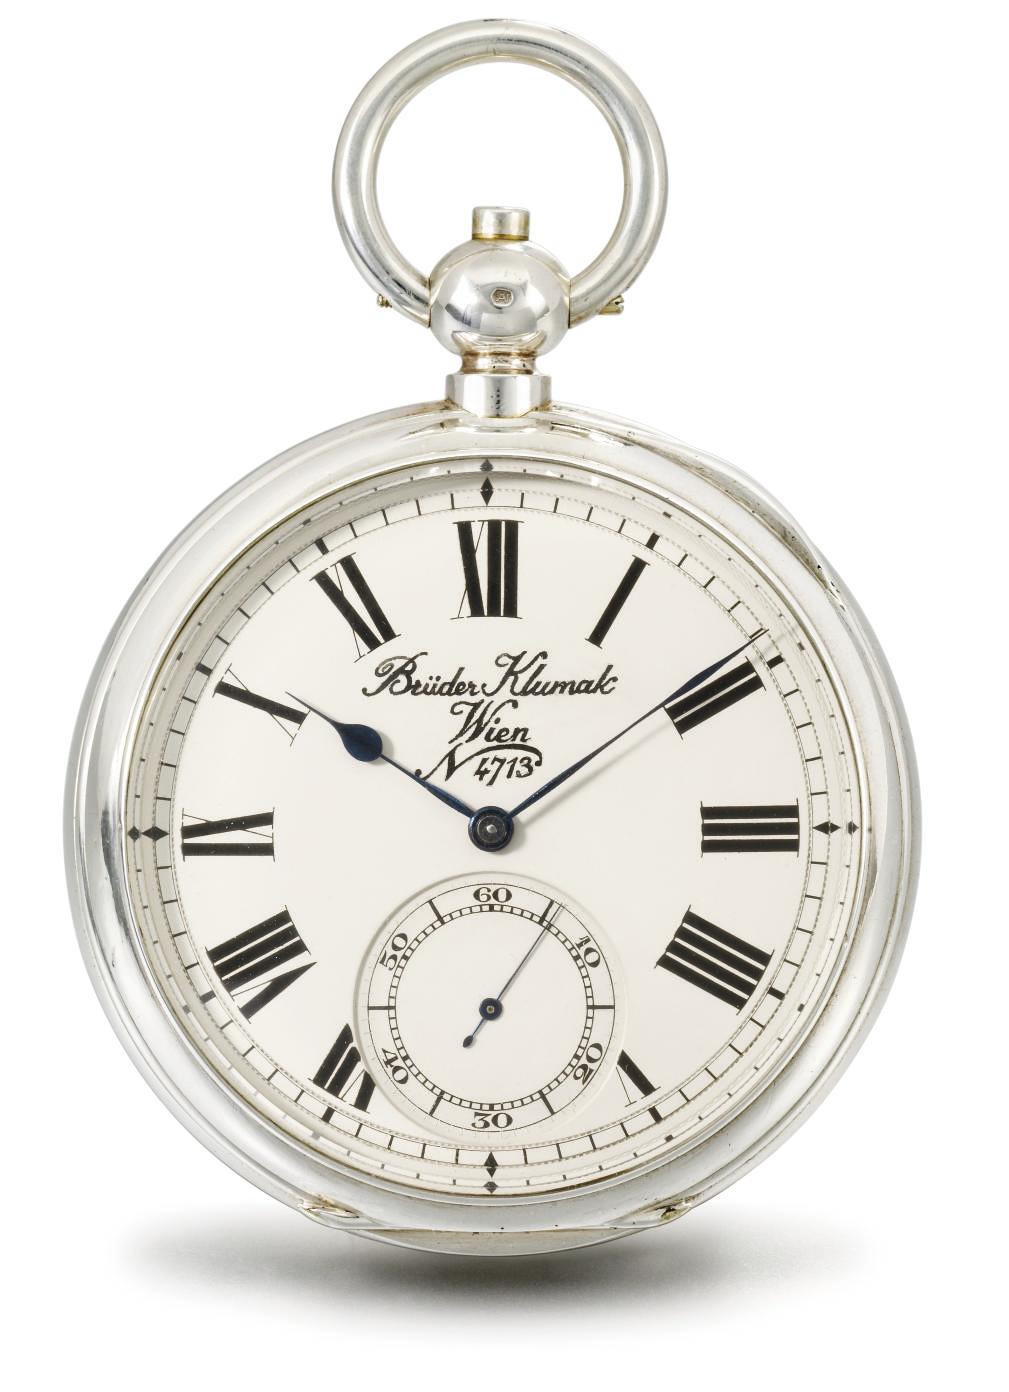 Gebrüder Klumak. A fine silver openface deck chronometer